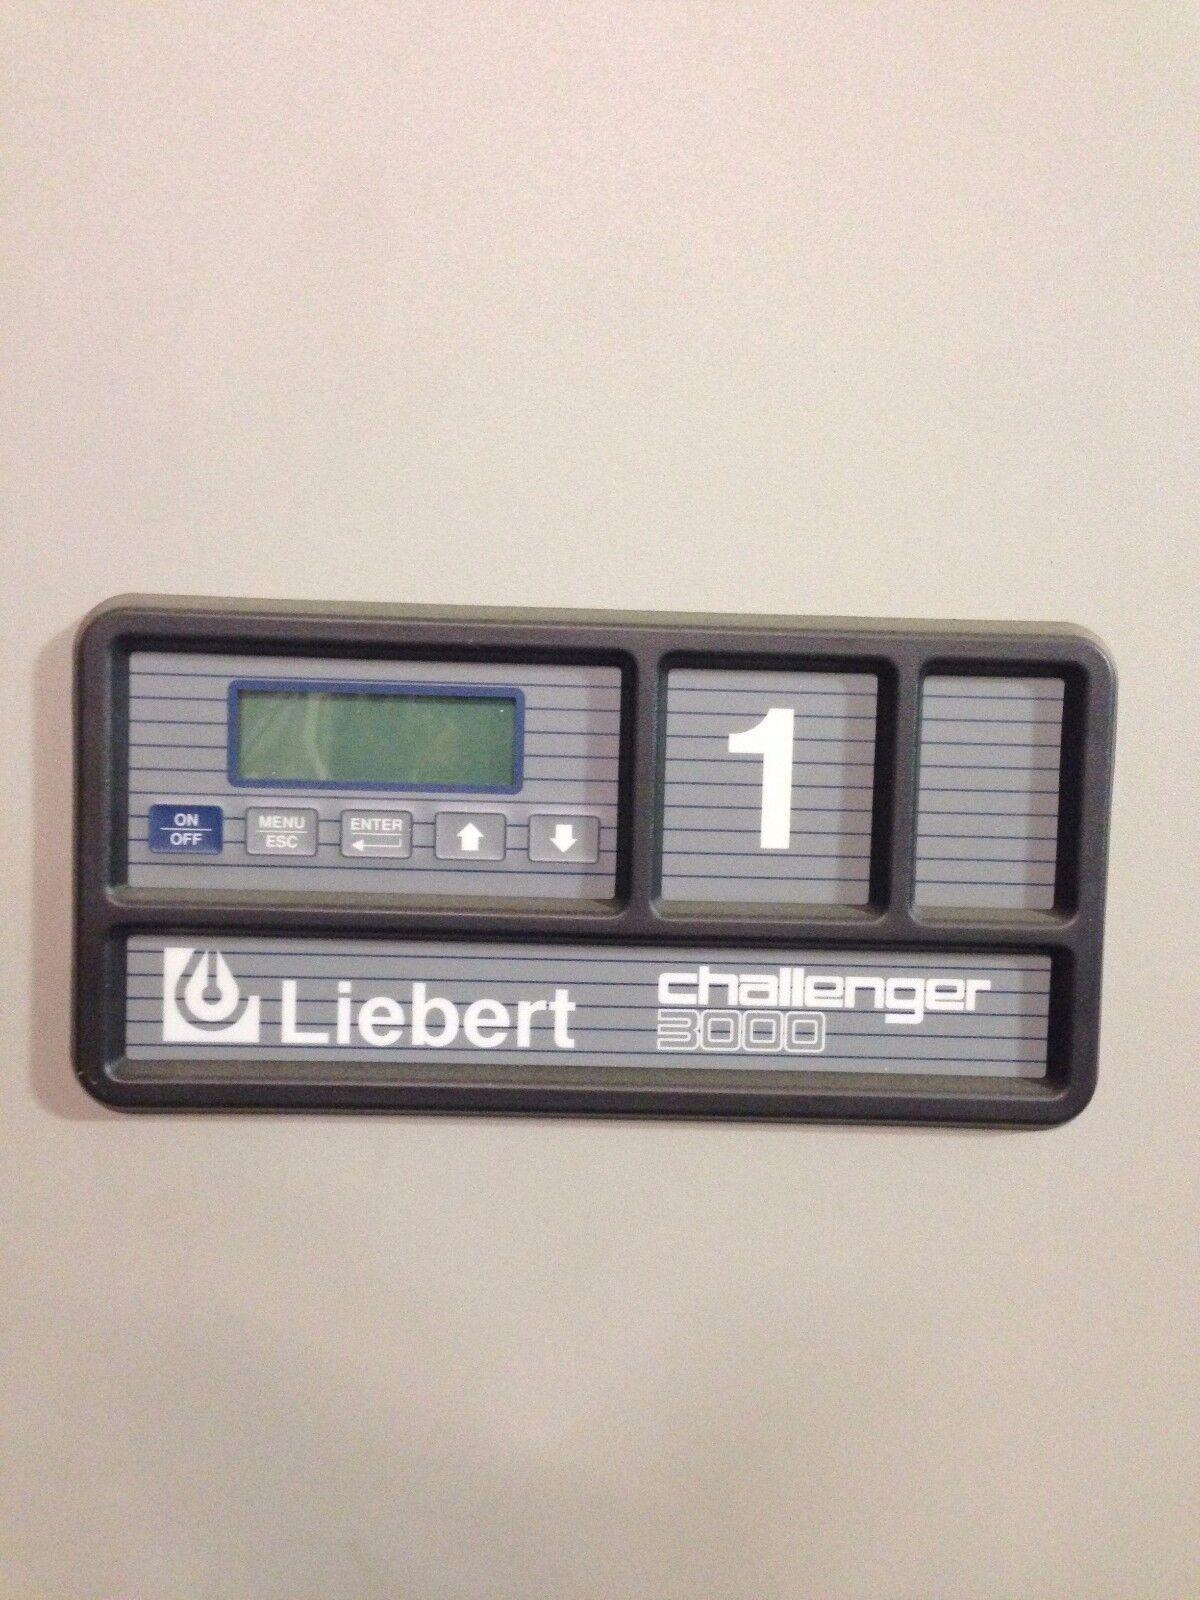 Liebert Challenger 3000 Circuit Diagram Engine Wiring Diagrams Crv Schematic Wire Center